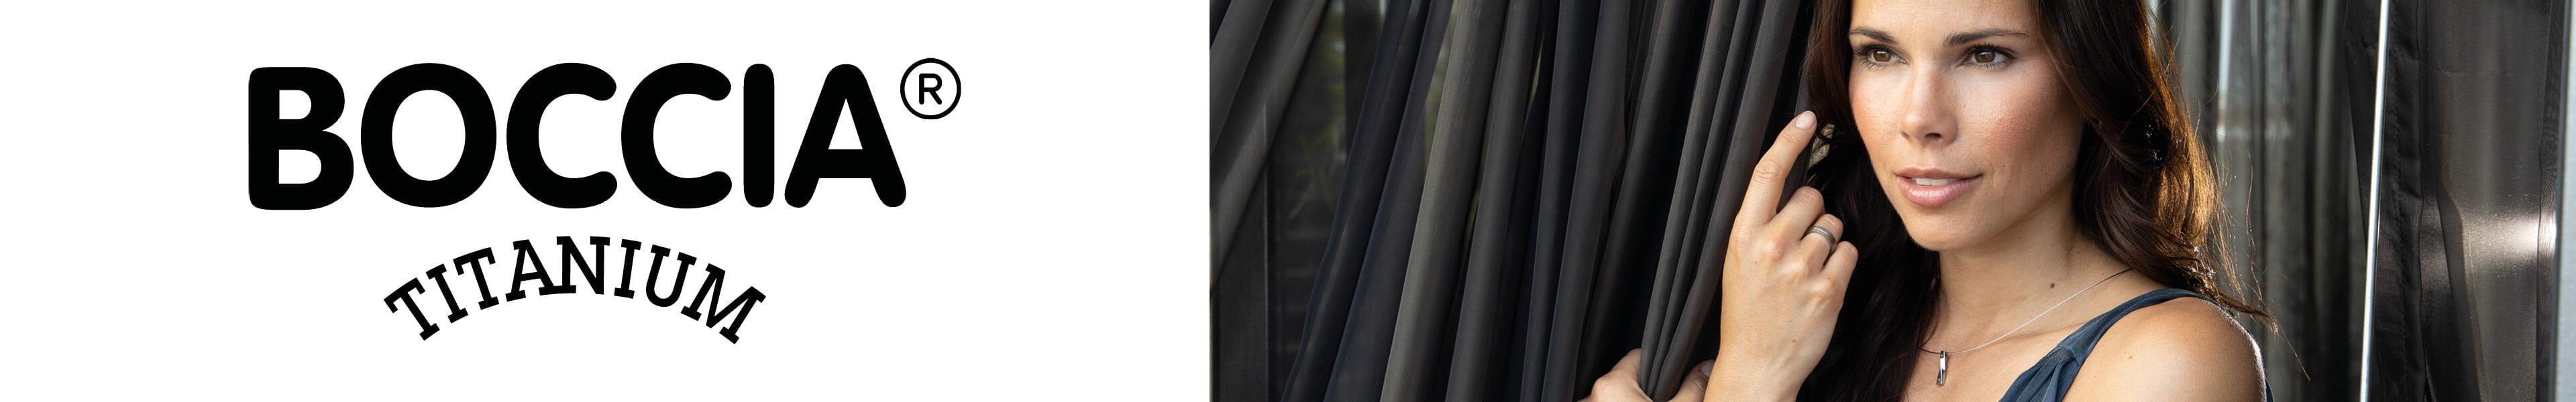 Boccia Titanium Sieraden